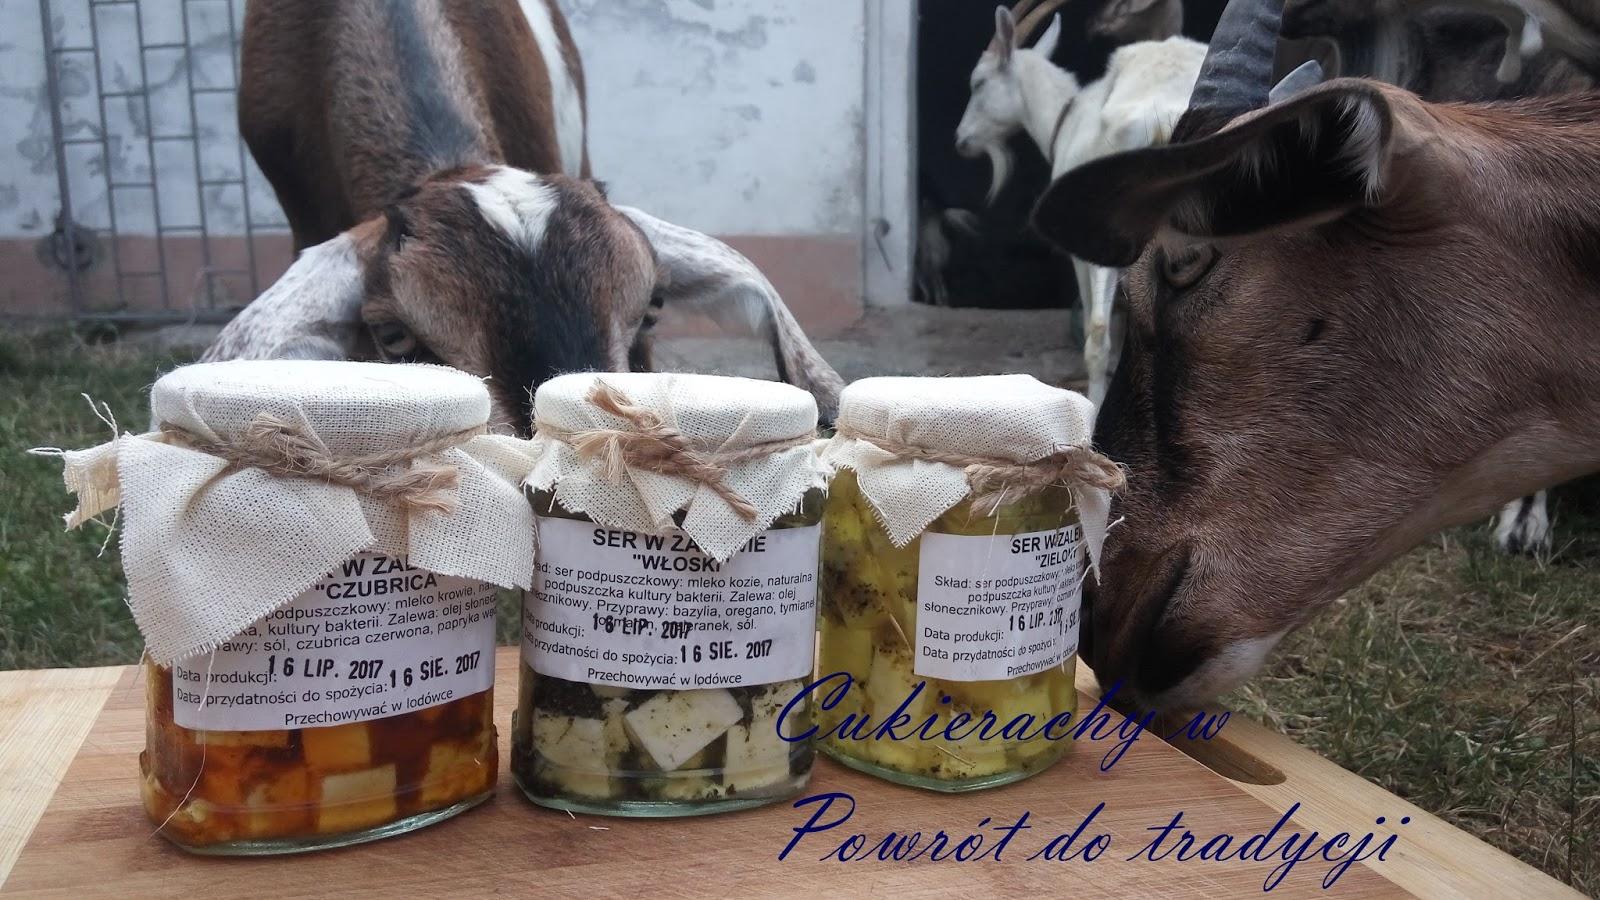 Cukierachy u Moniki